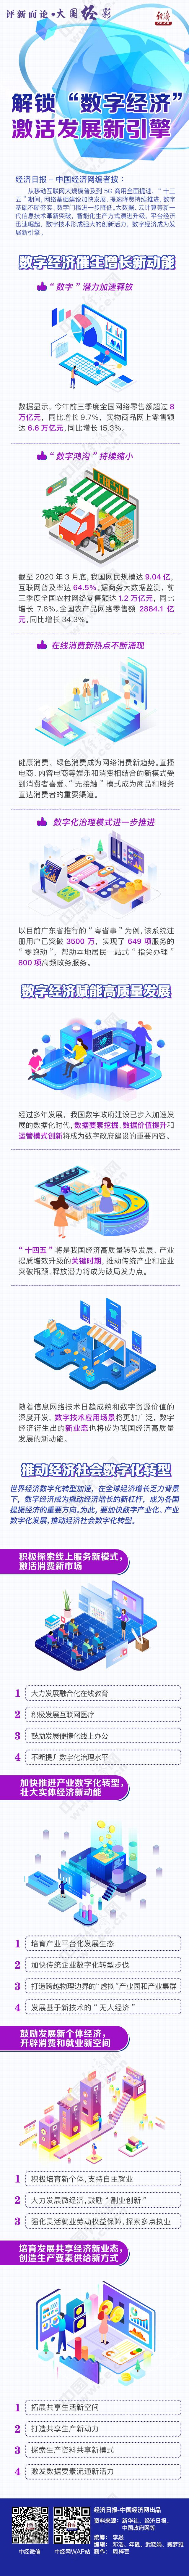 """「评新而论·大国经彩」图解:解锁""""数字经济""""激活发展新引擎"""